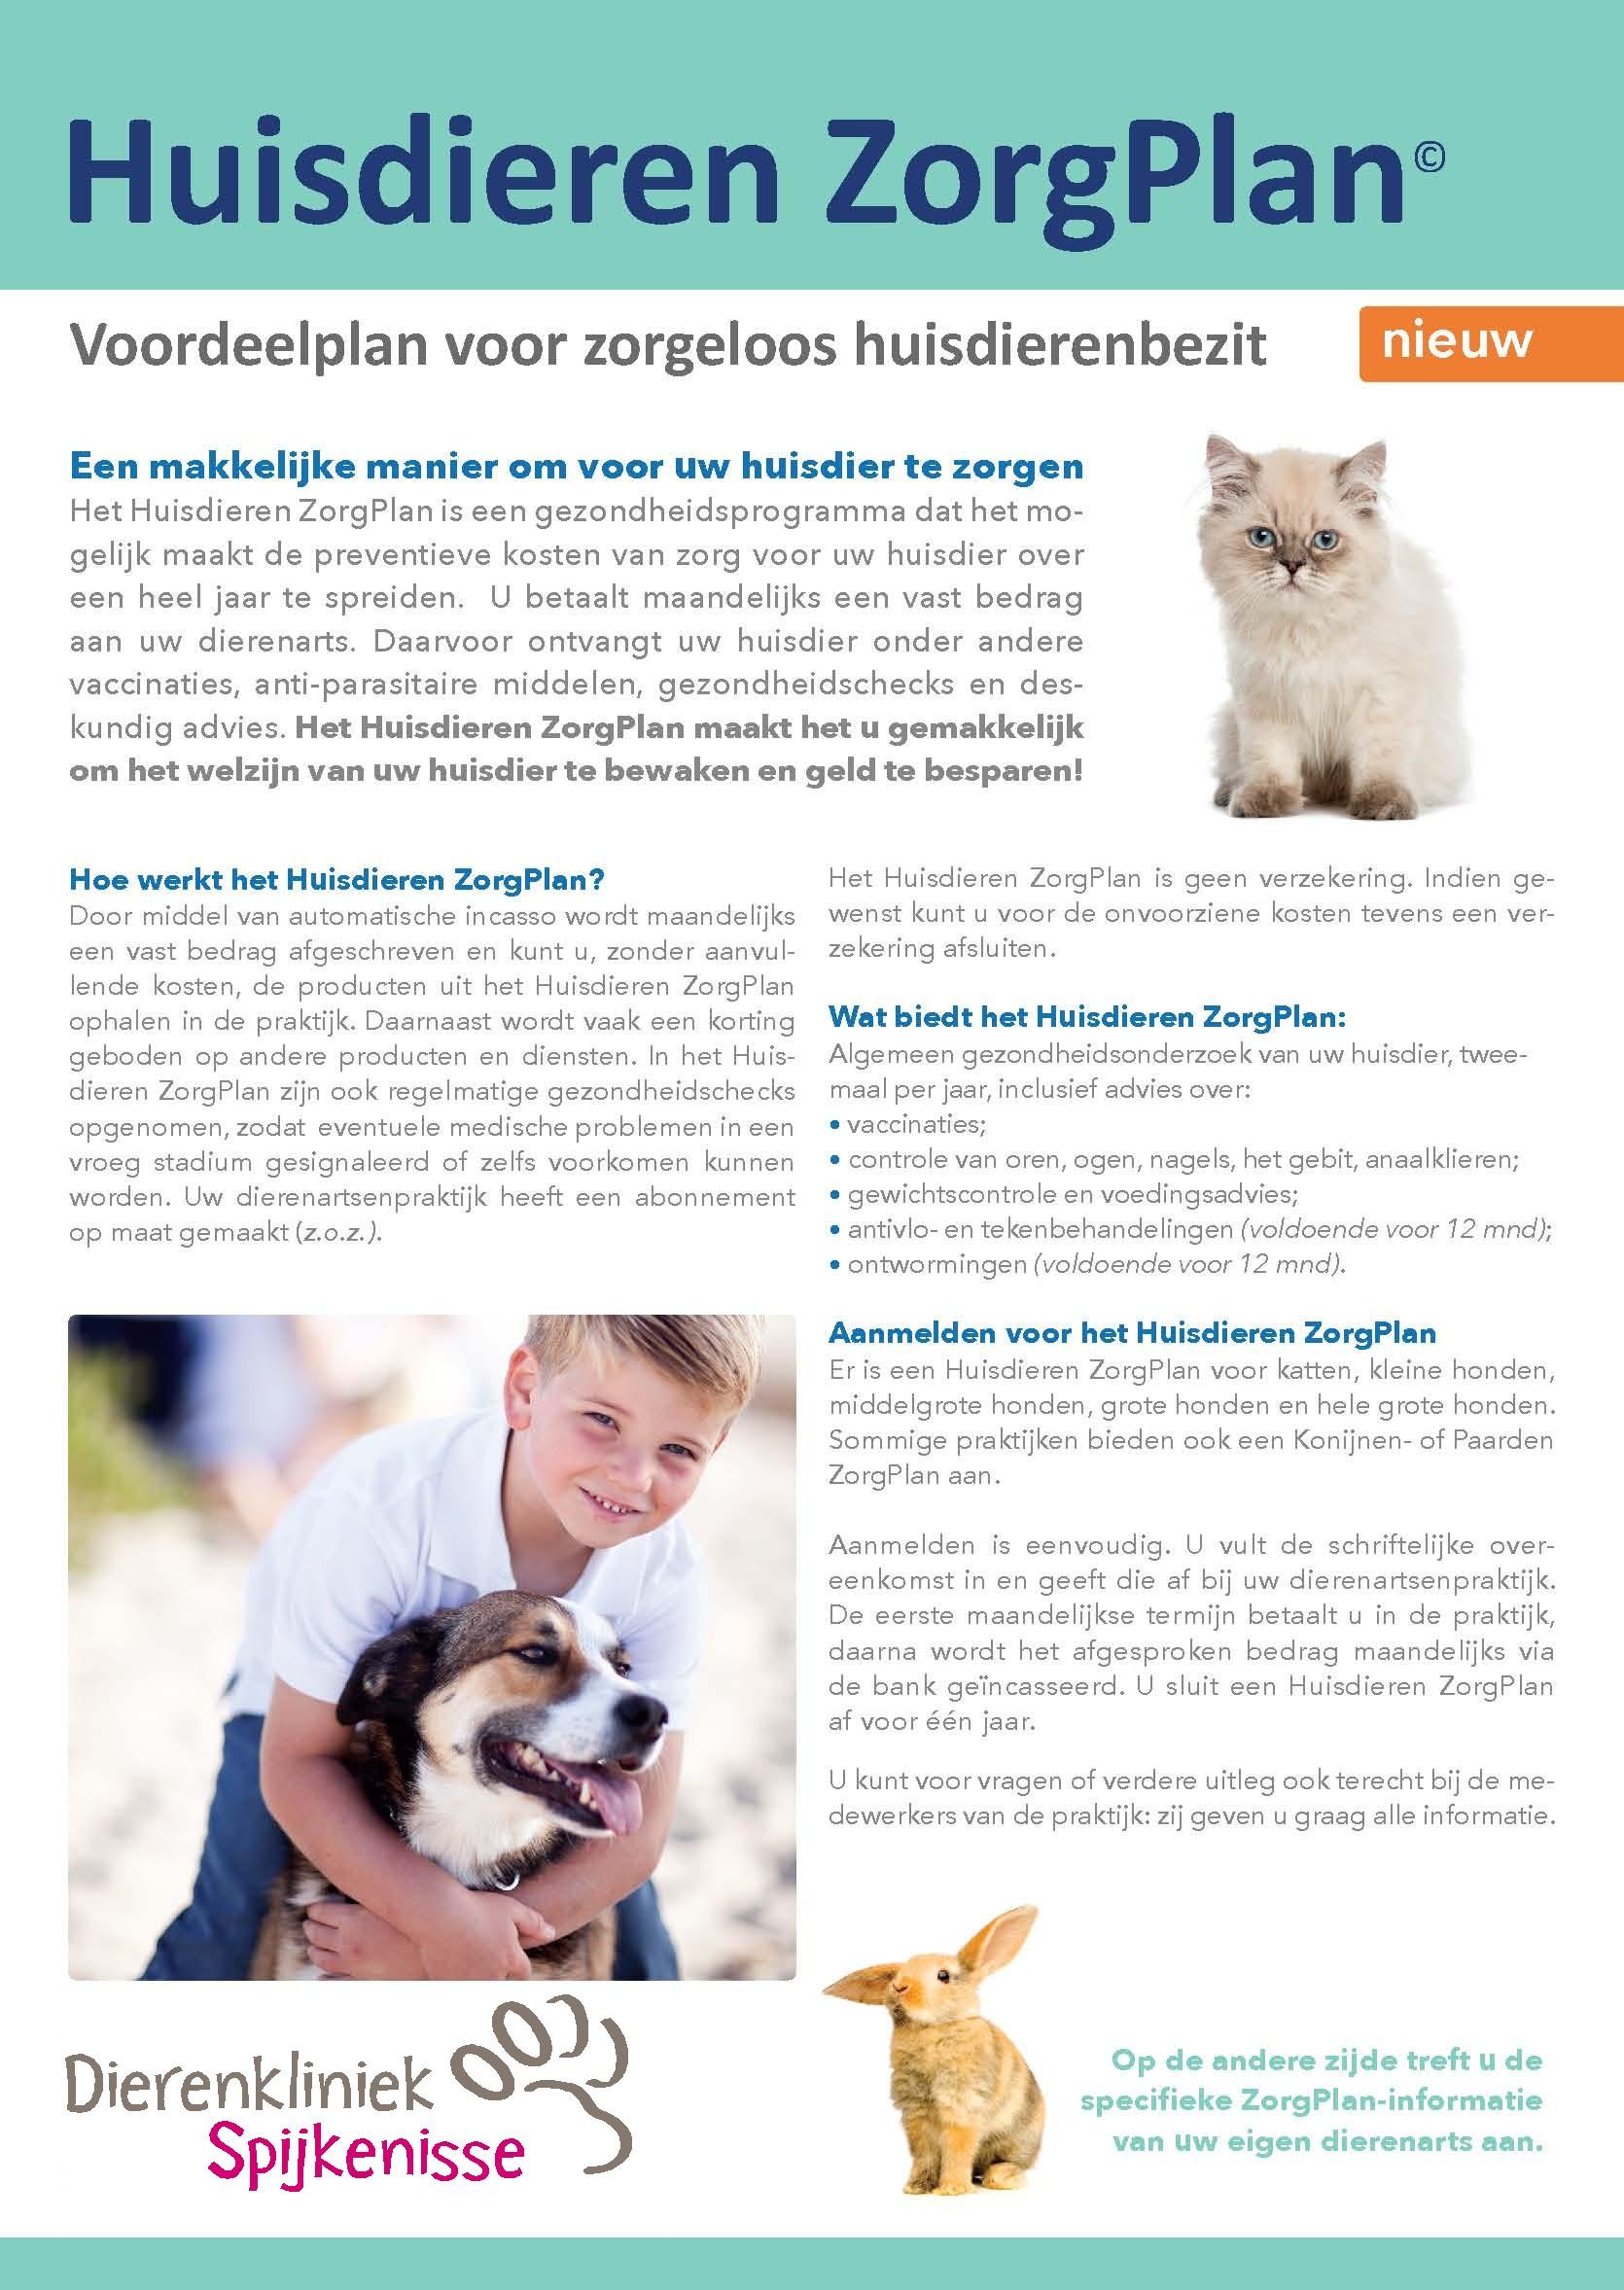 Folder Huisdieren ZorgPlan voor diereigenaren DKS